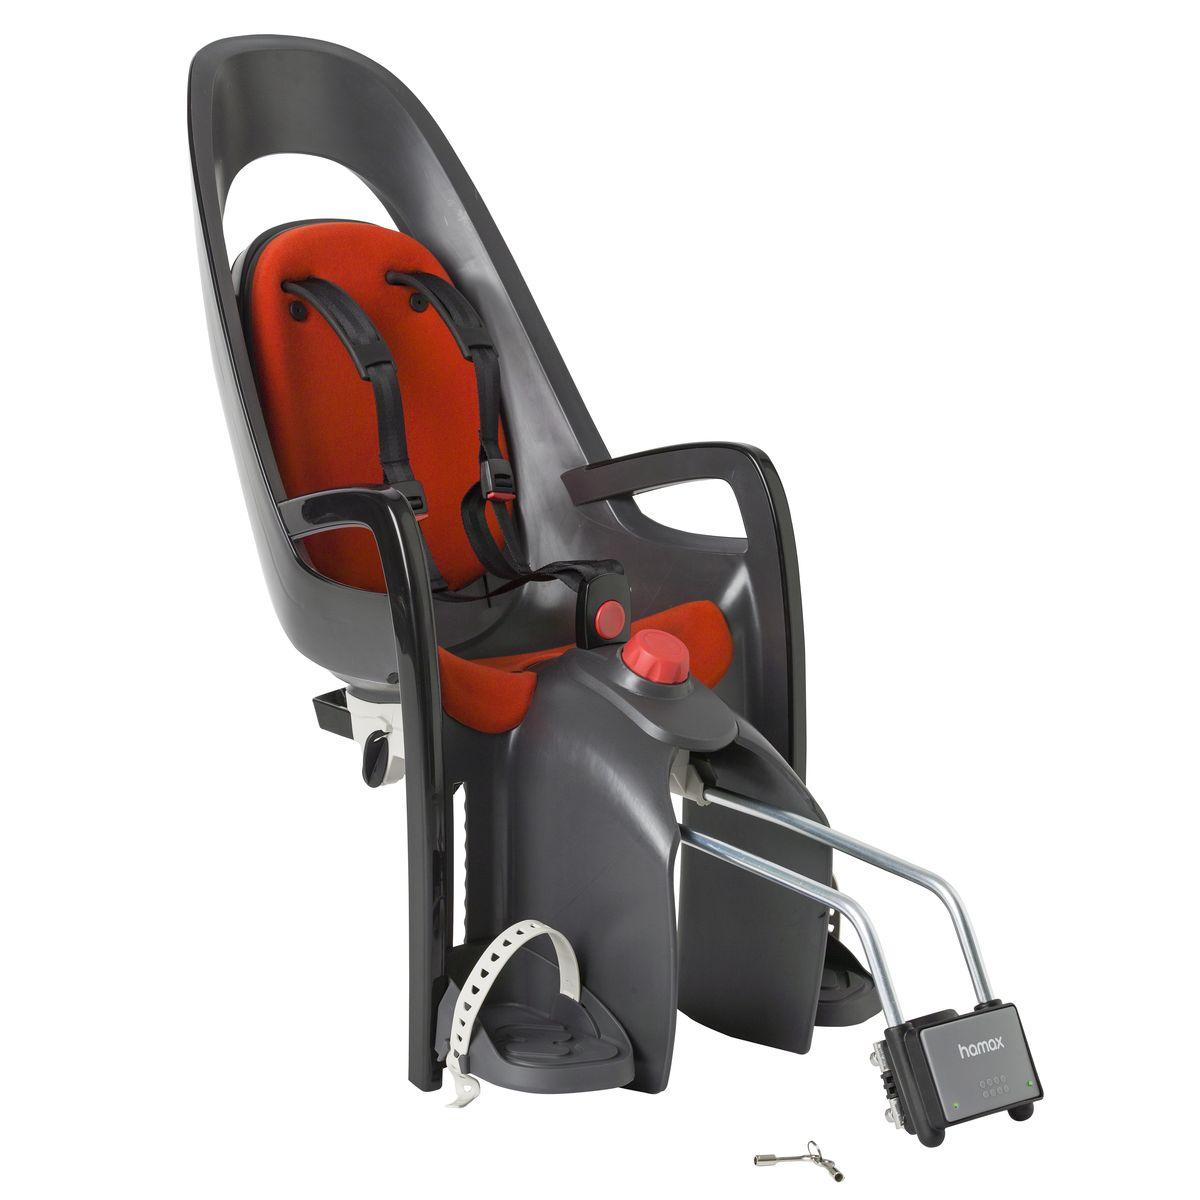 Детское кресло Hamax Caress W/Lockable Bracket, цвет: серый, красный553005Кресло для перевозки детей